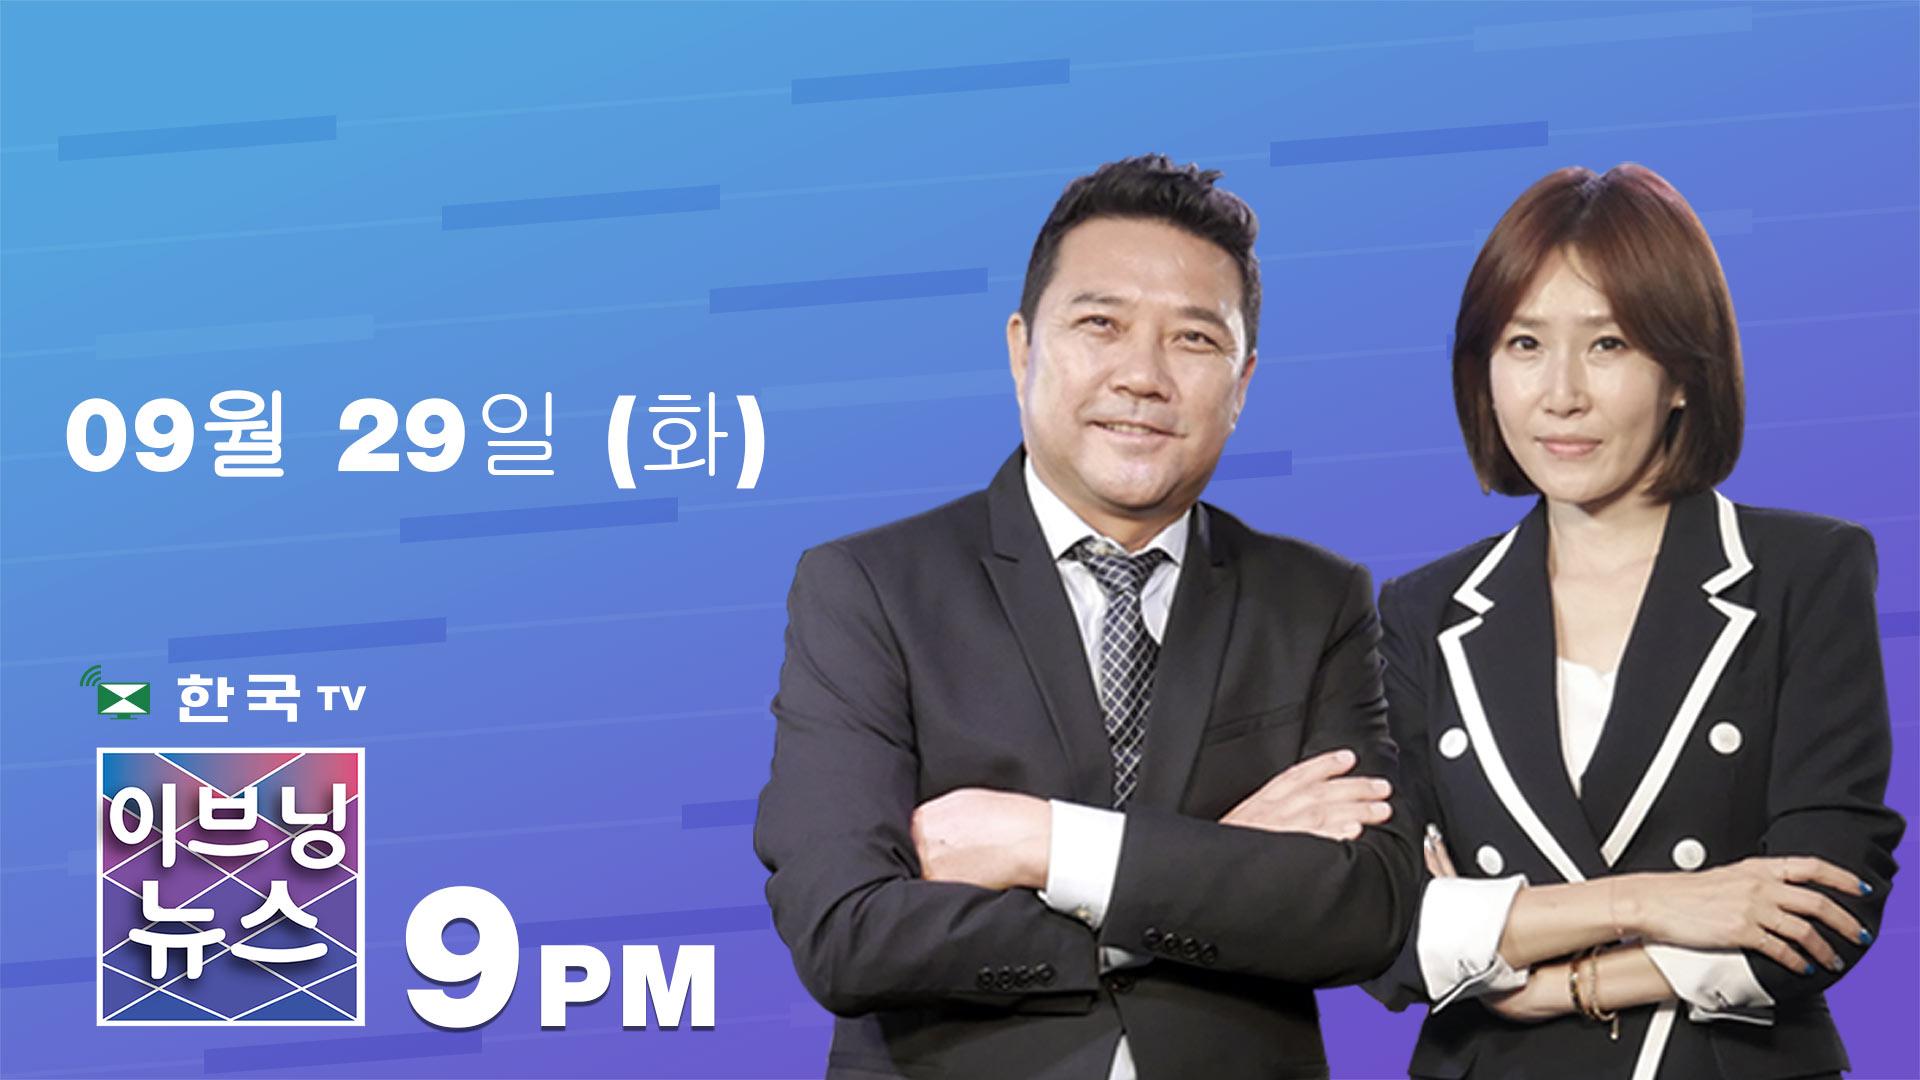 (09.29.2020) 한국TV 이브닝 뉴스